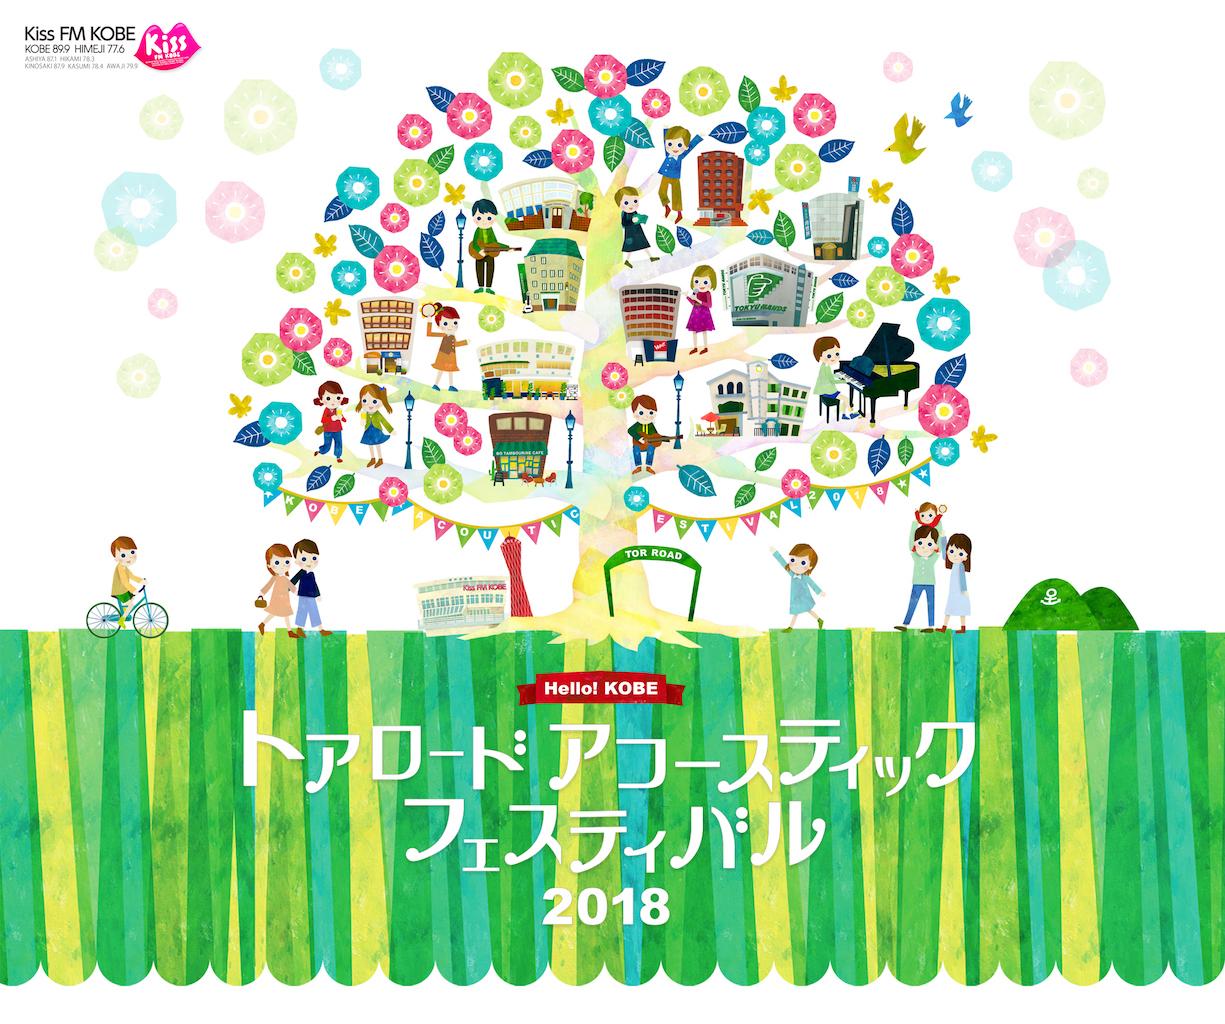 トアロード・アコースティック・フェスティバル 2018